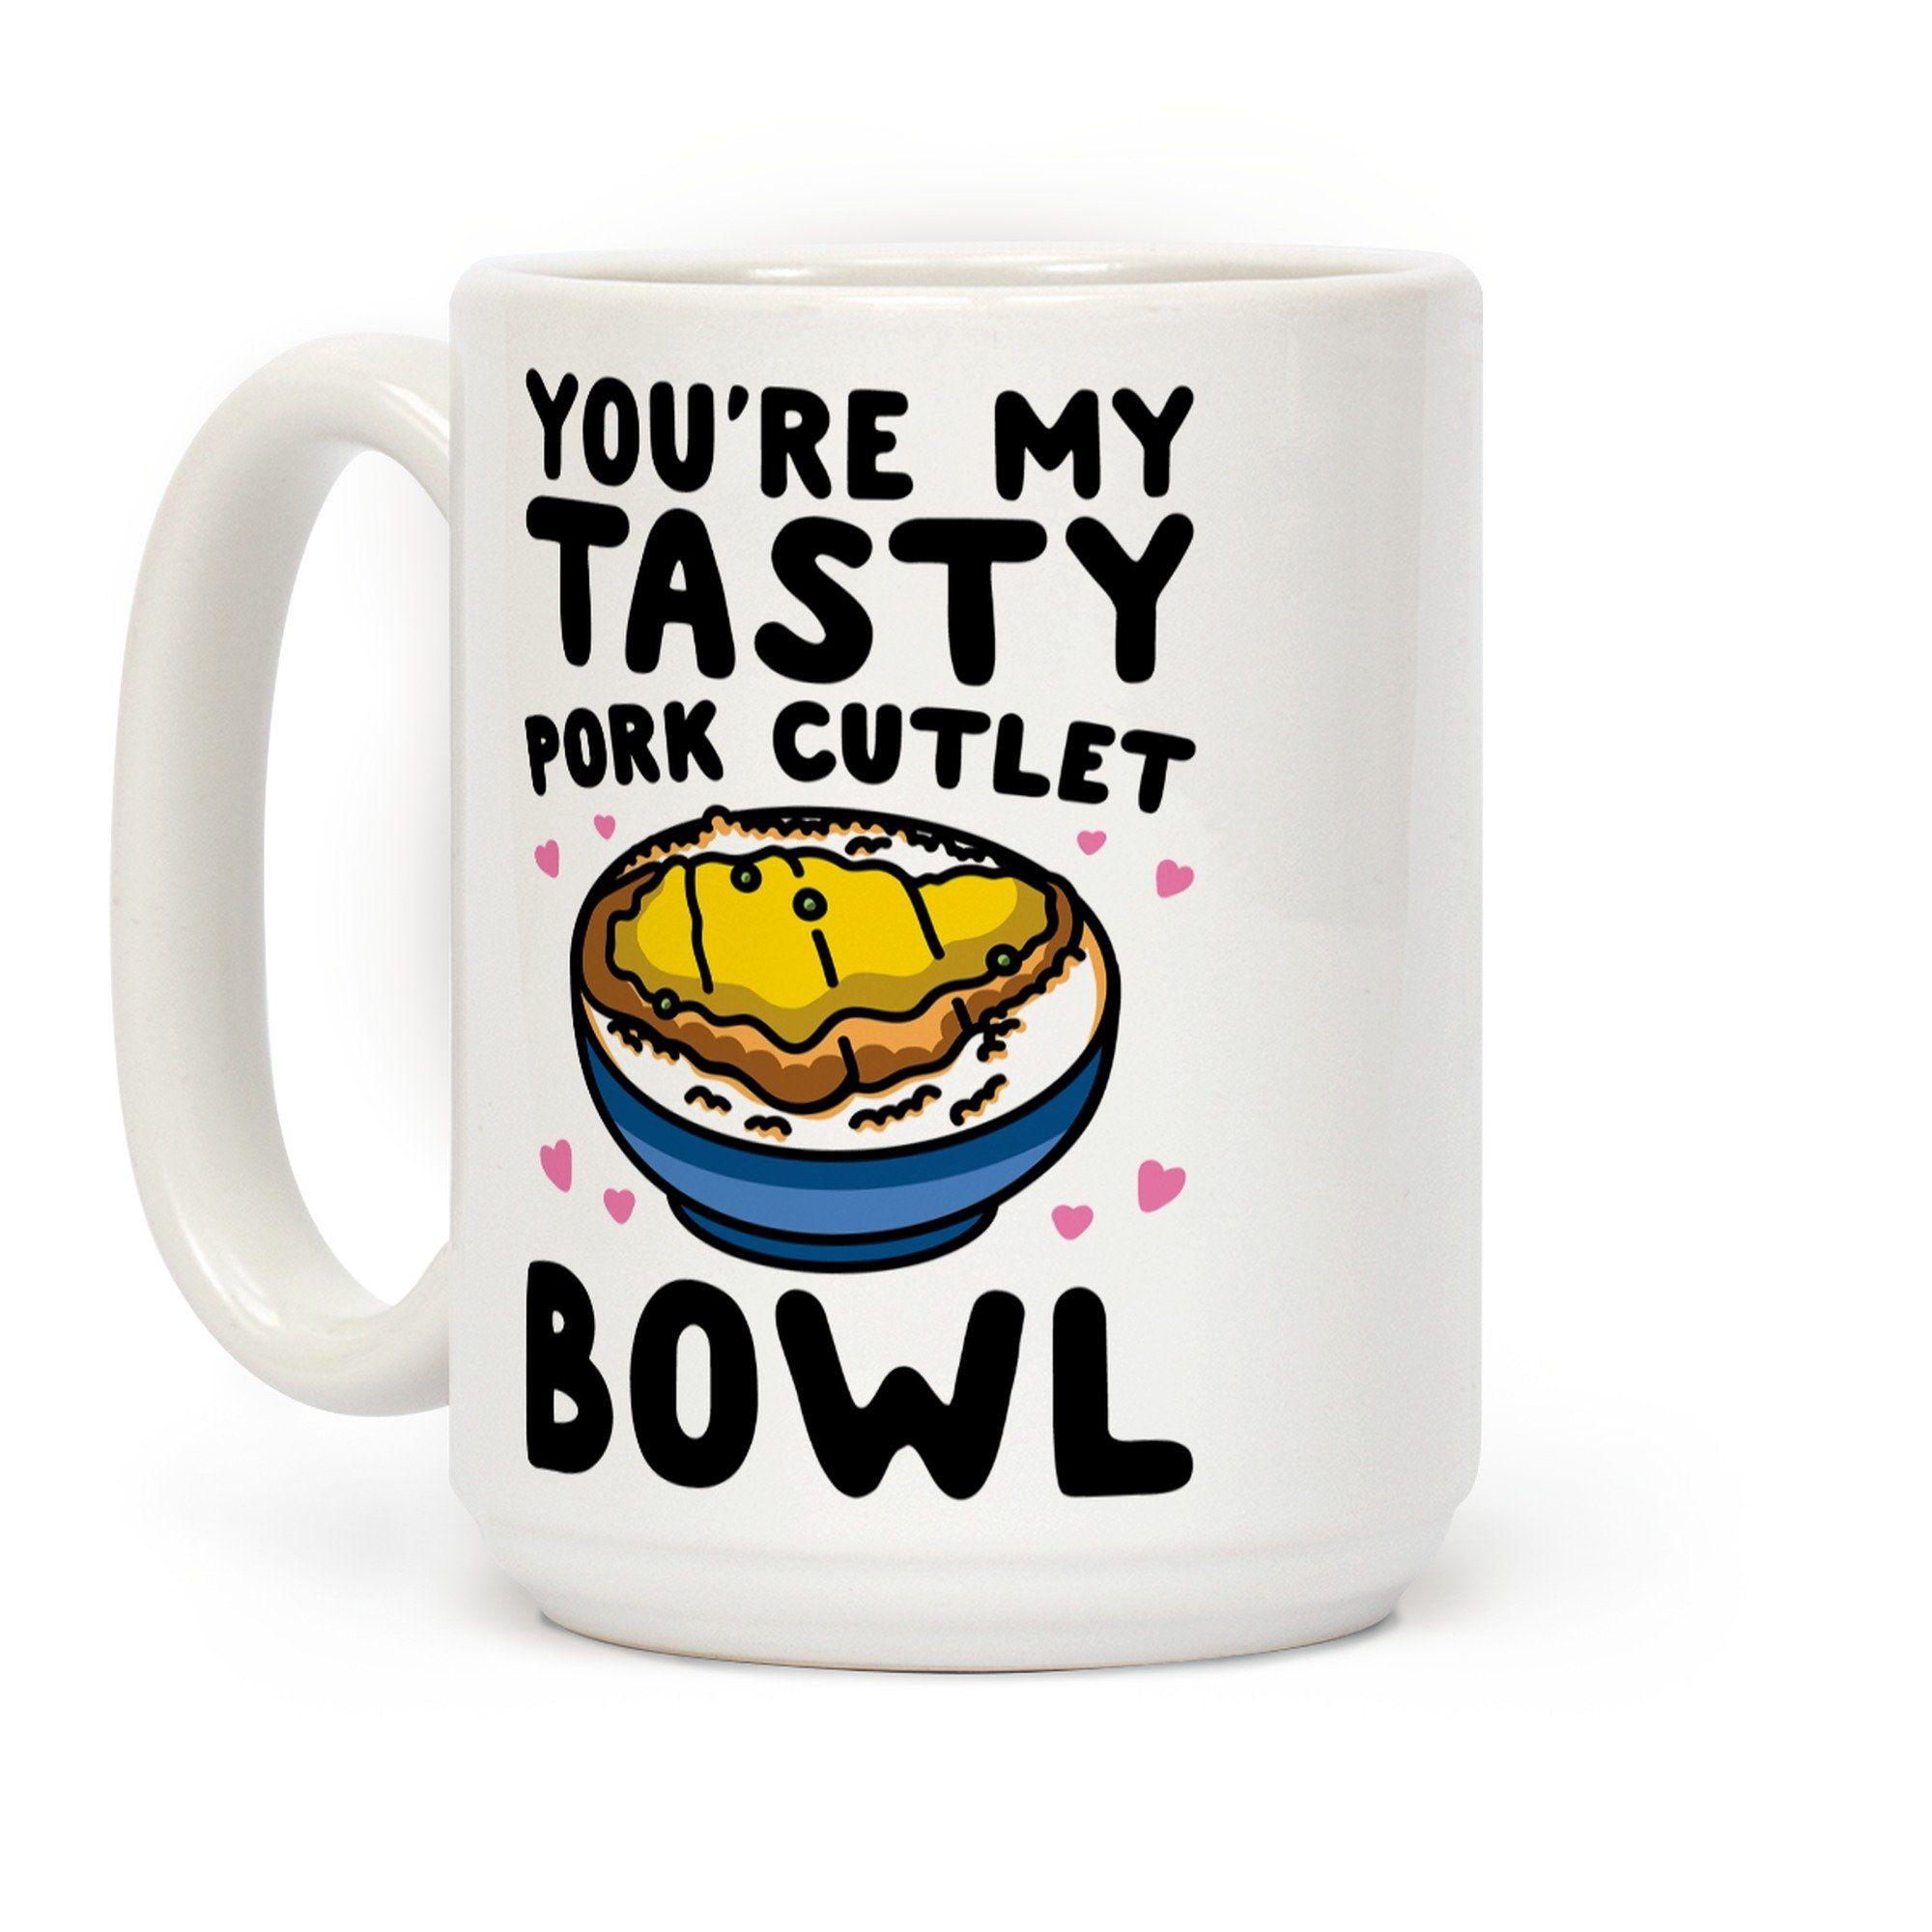 You're My Tasty Pork Cutlet Bowl Ceramic Coffee Mug - 15 Ounce